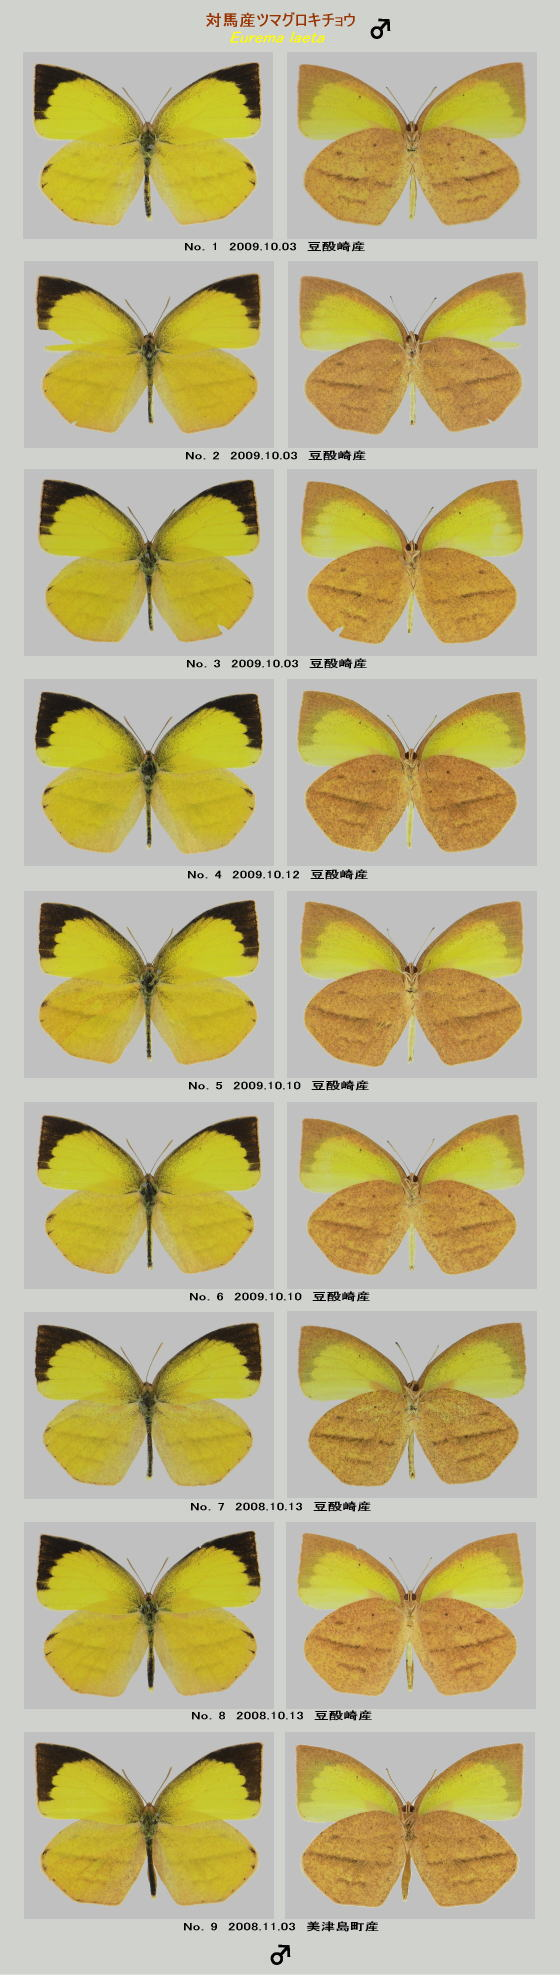 ツマグロキチョウの標本♂